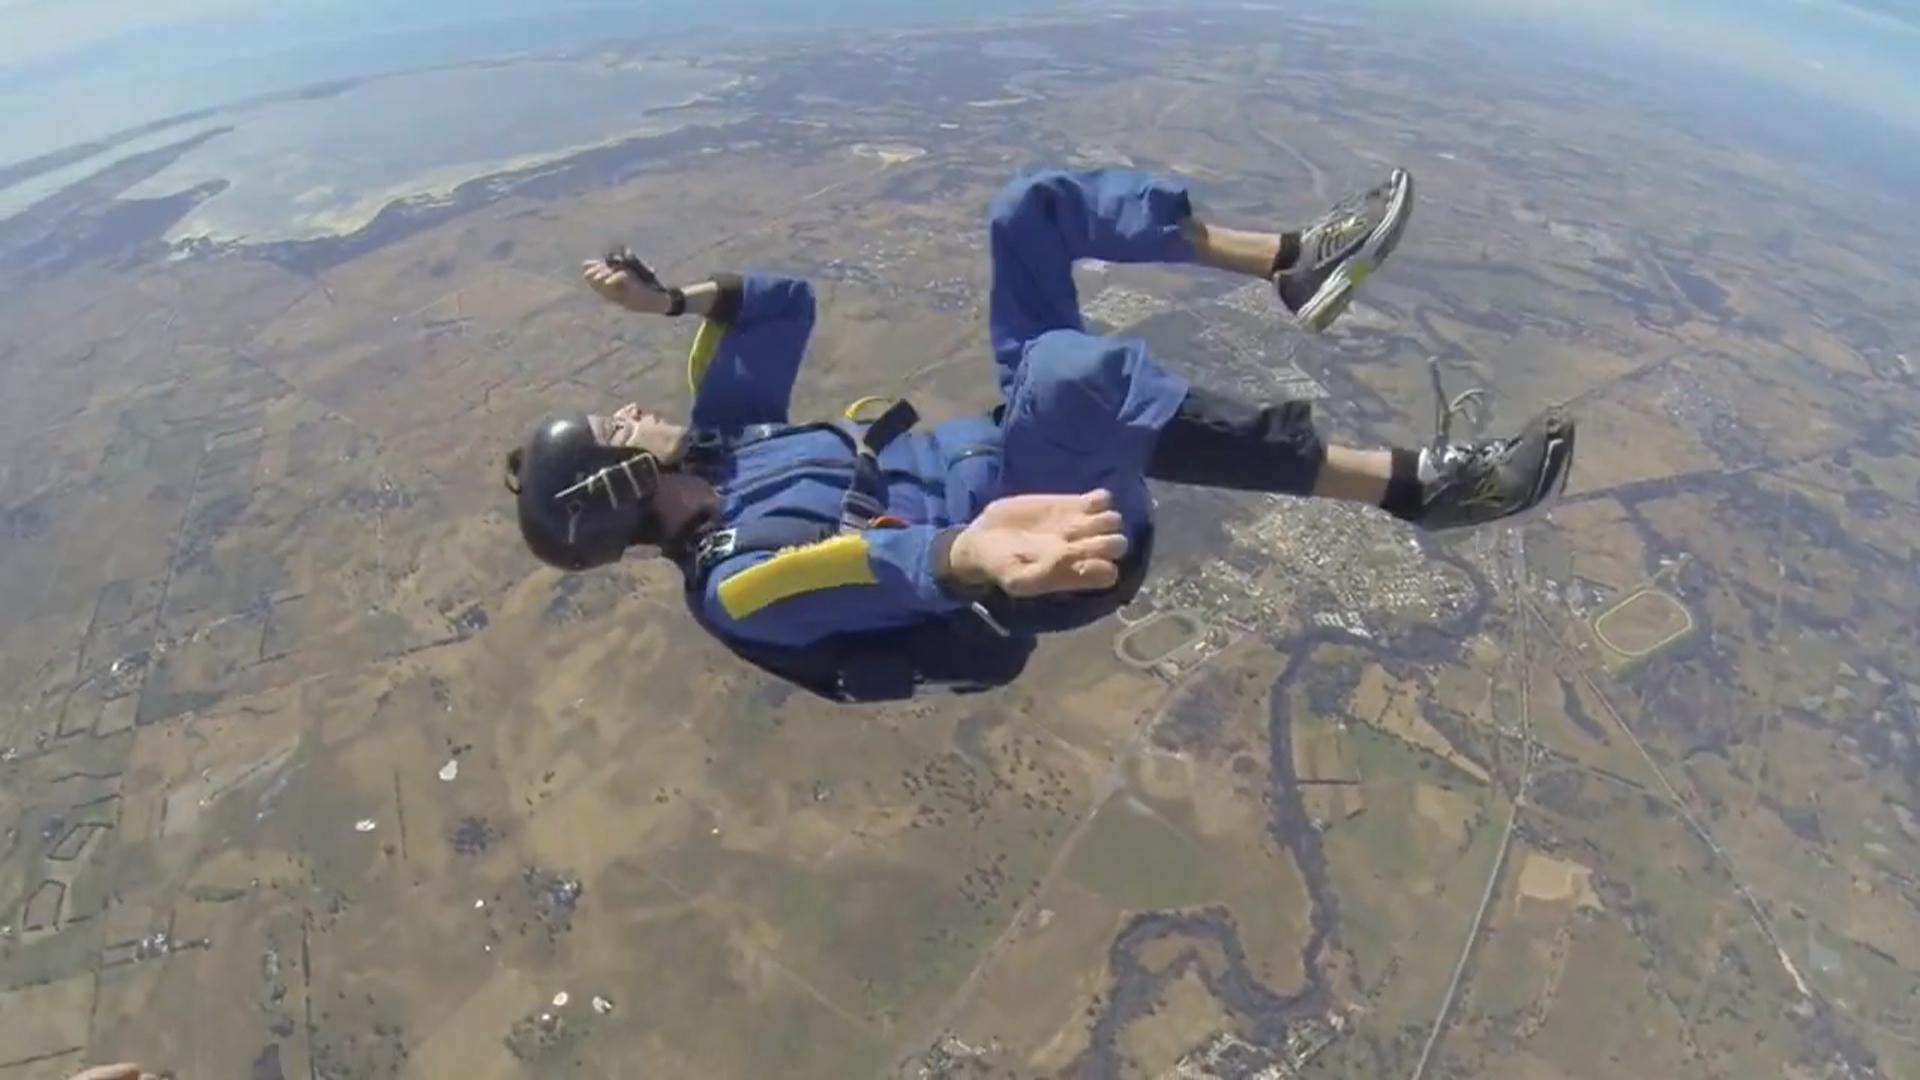 วินาทีชีวิต!! ชายหนุ่มช็อคกลางอากาศระหว่างกระโดดร่ม